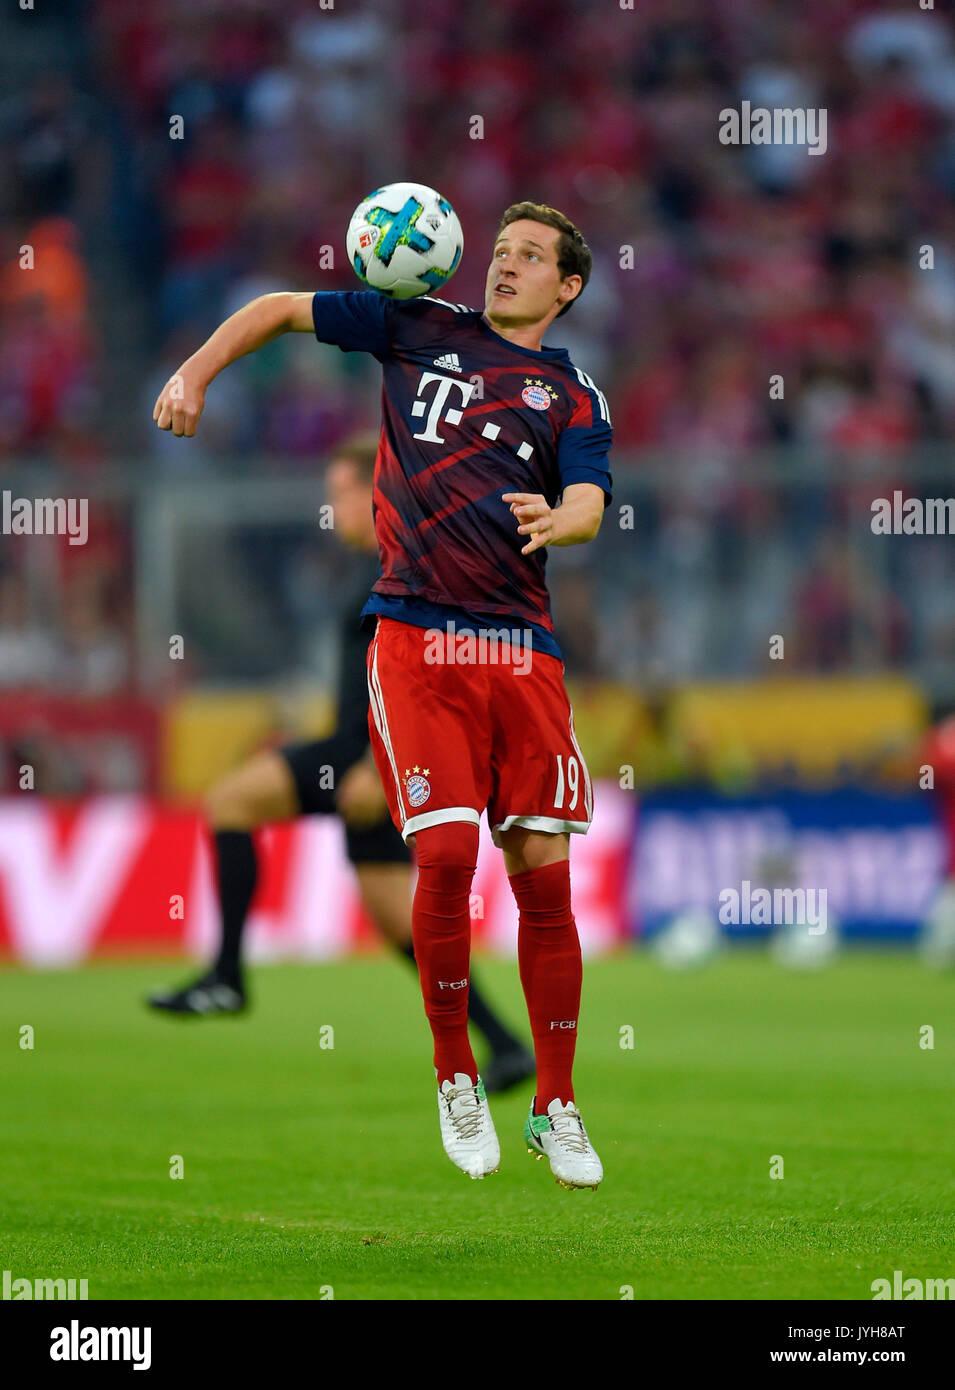 18.08.2017,  Fussball 1.Liga 2017/2018, 1.Spieltag, FC Bayern München - Bayer Leverkusen, in der Allianz-Arena München, Sebastian Rudy (FC Bayern München) am Ball. Photo: Cronos/MIS - Stock Image